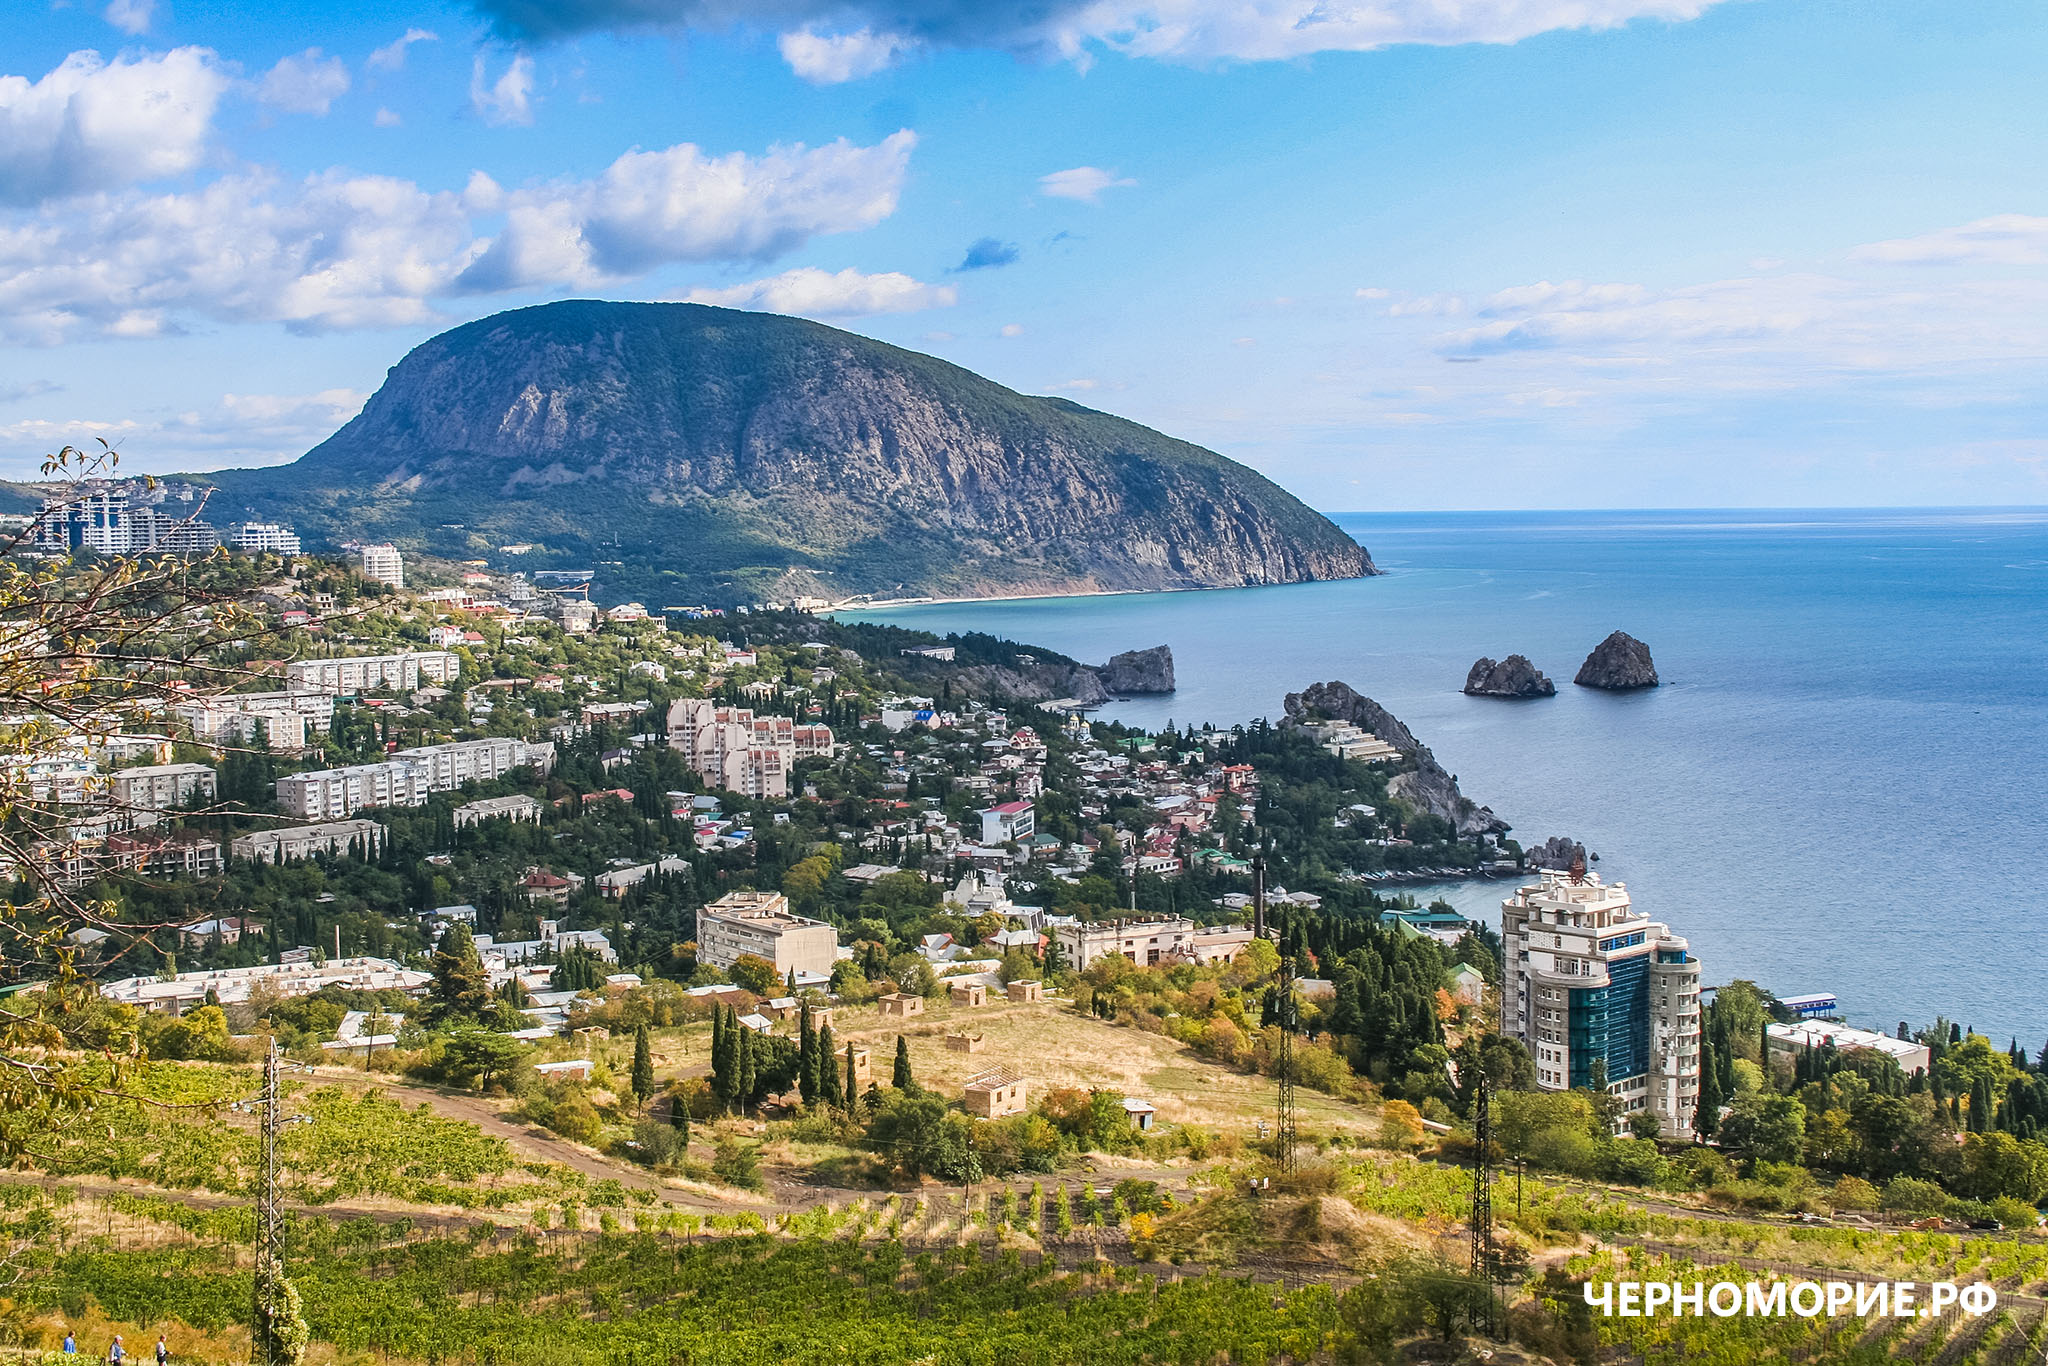 Вид на Гурзуф и медведь-гору в Крыму